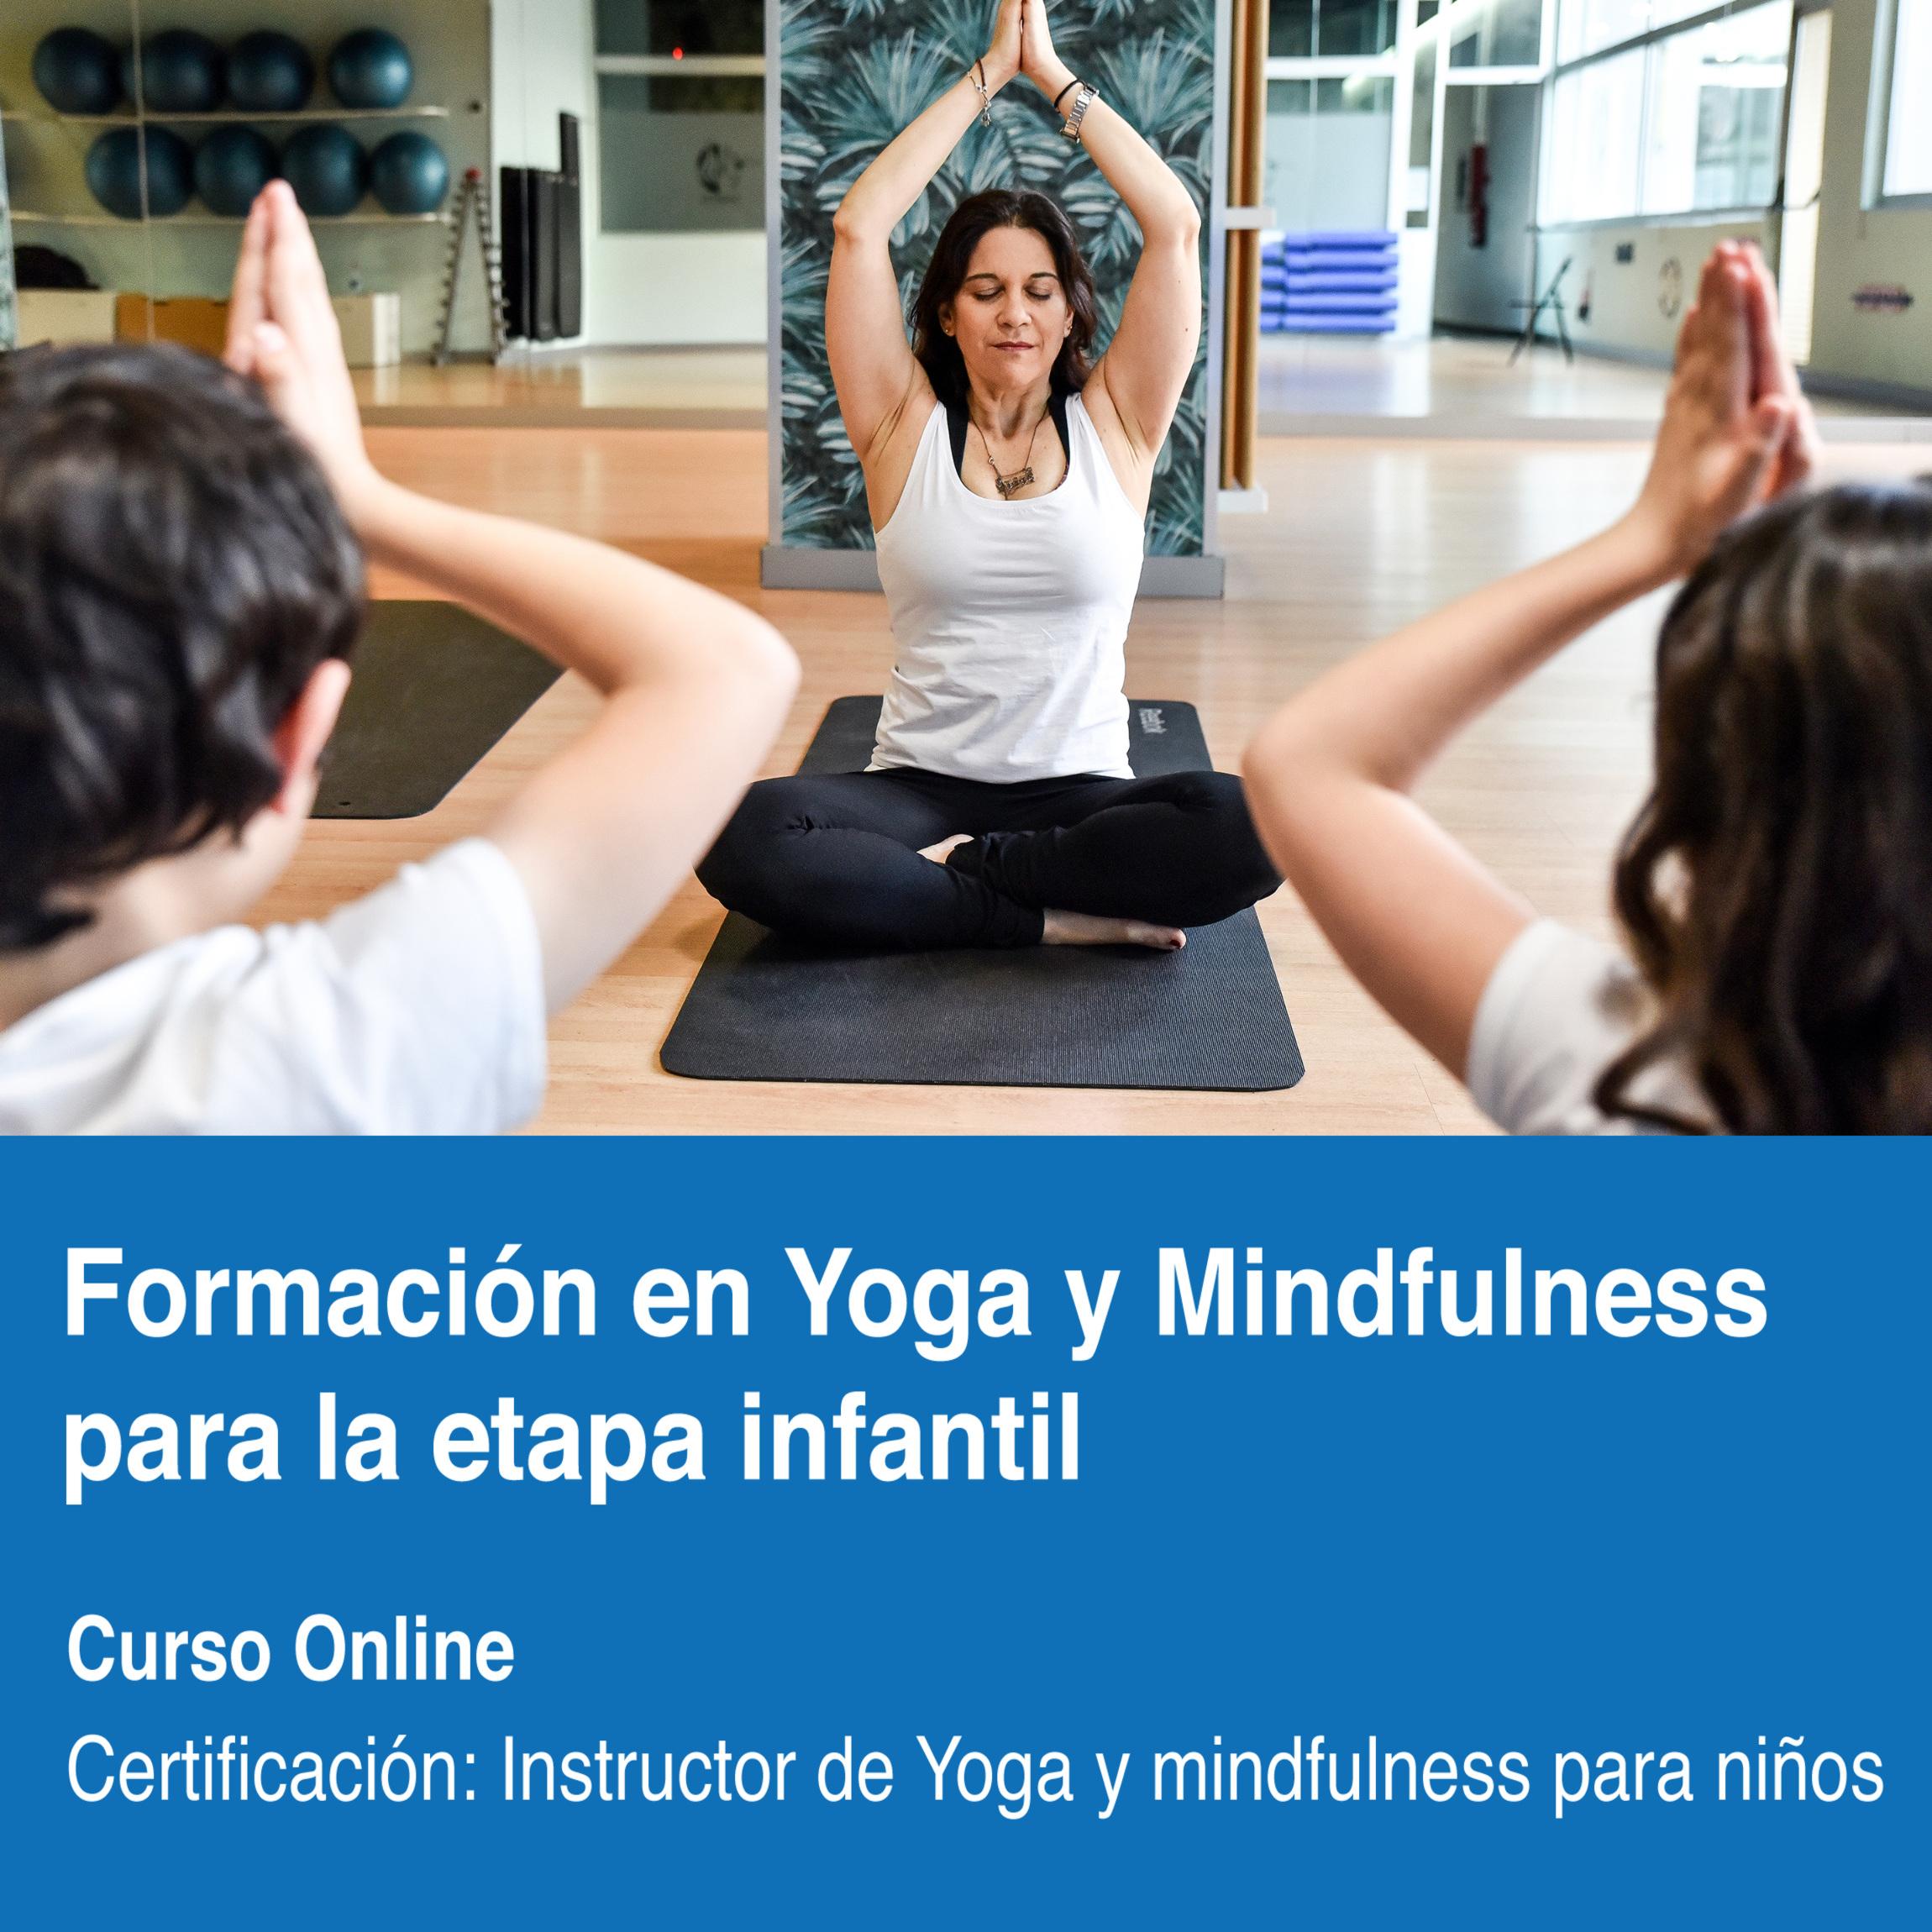 Formación para profesores en Yoga y Mindfulness para la etapa infantil